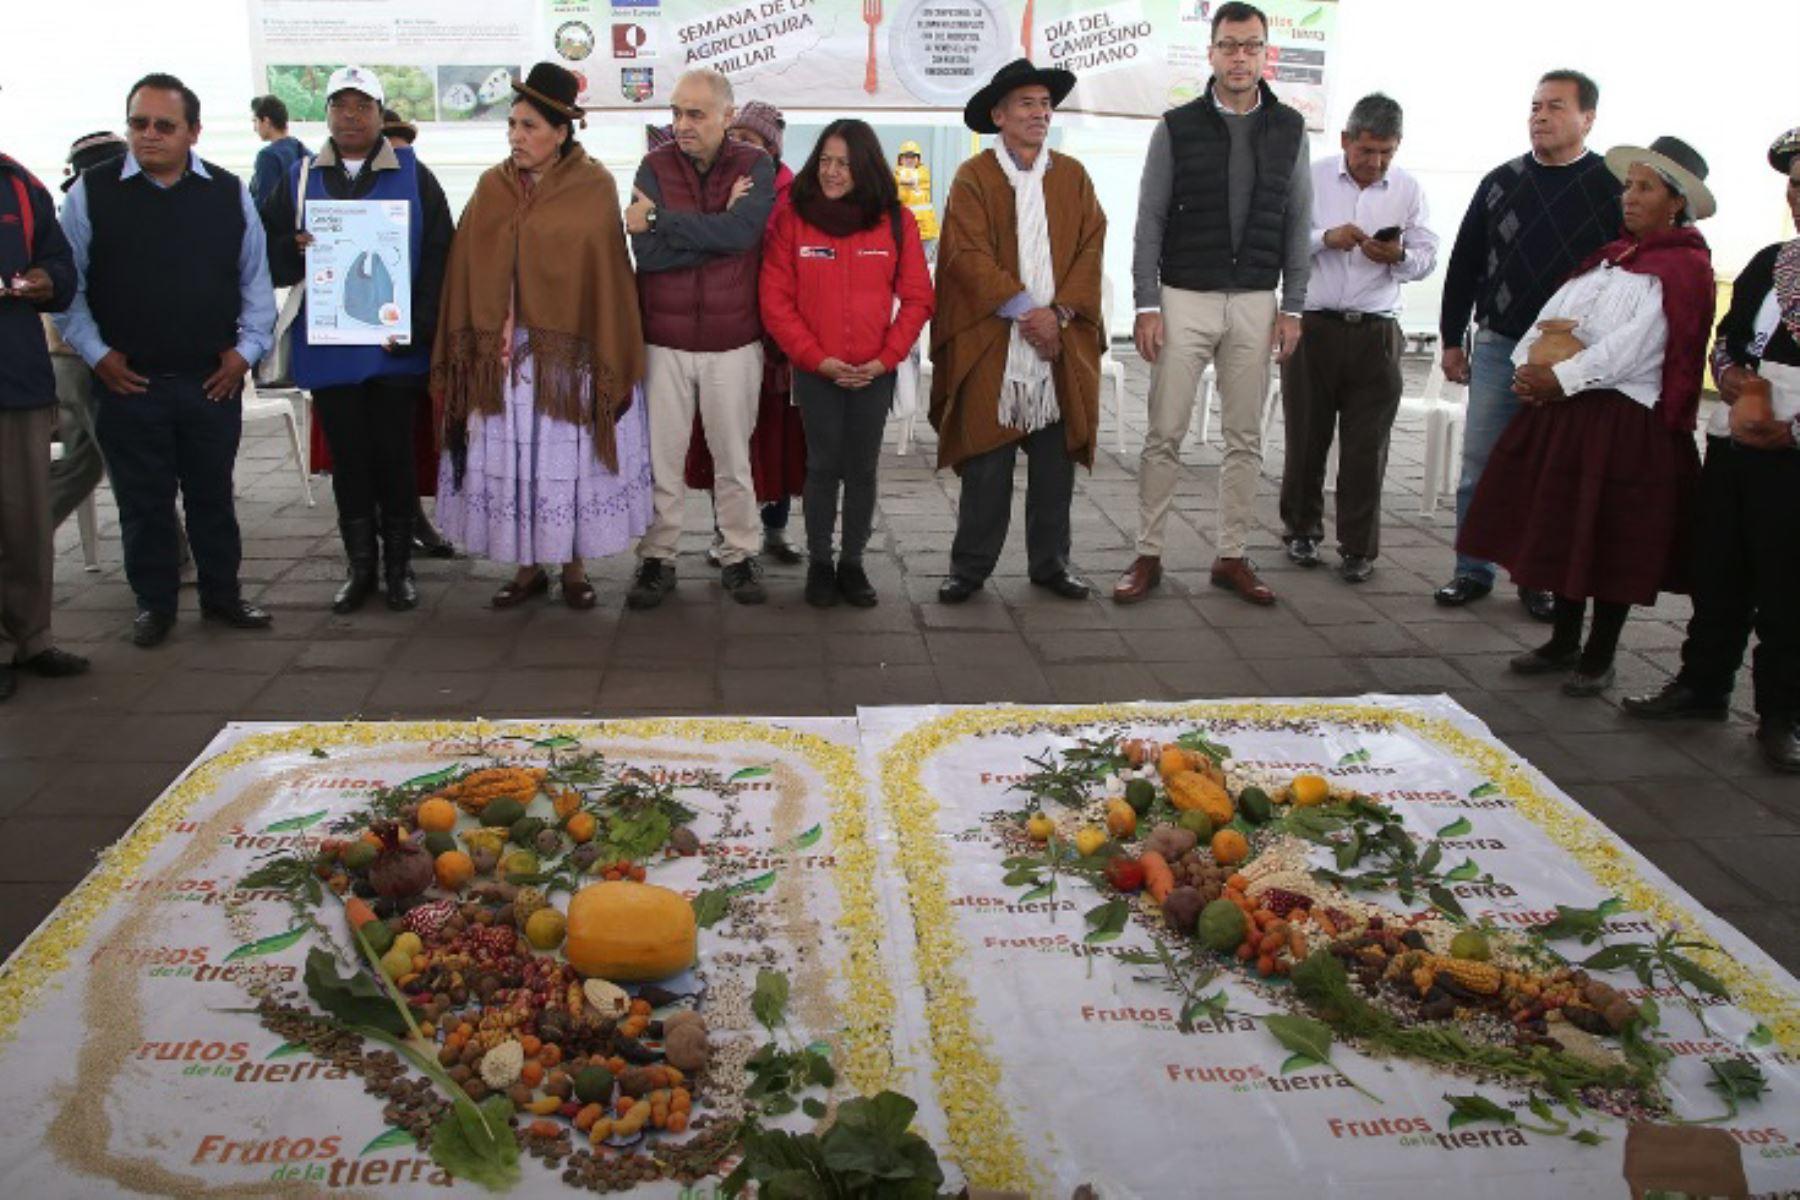 """Las familias agricultoras de pequeña escala fueron reconocidas por el Minam y la Anpe como """"guardianes de la agrobiodiversidad"""", en mérito a su importante labor."""